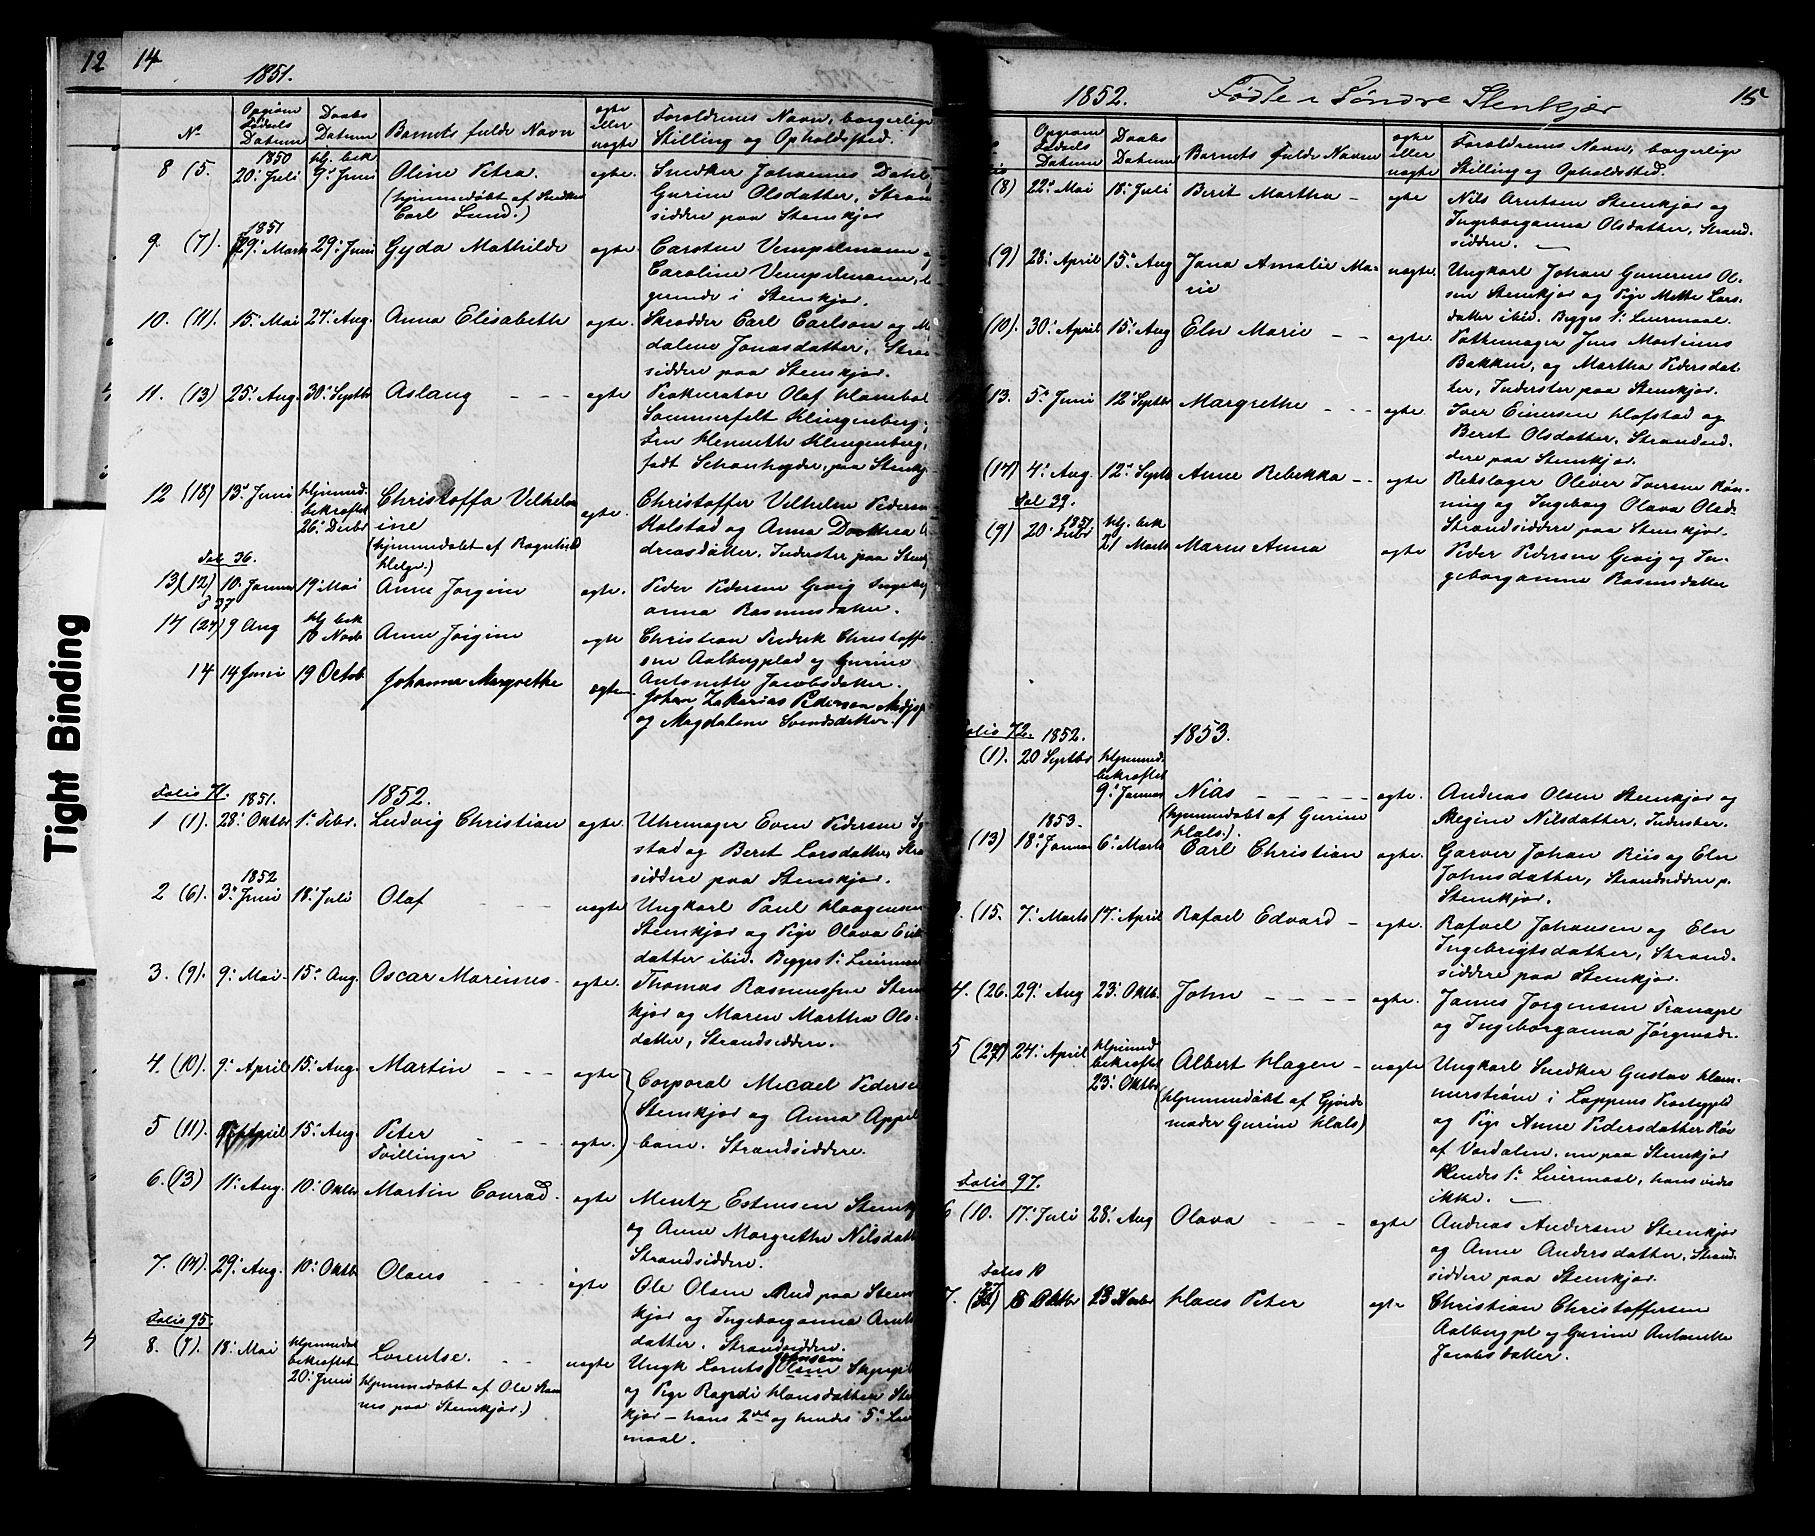 SAT, Ministerialprotokoller, klokkerbøker og fødselsregistre - Nord-Trøndelag, 739/L0367: Ministerialbok nr. 739A01 /1, 1838-1868, s. 14-15